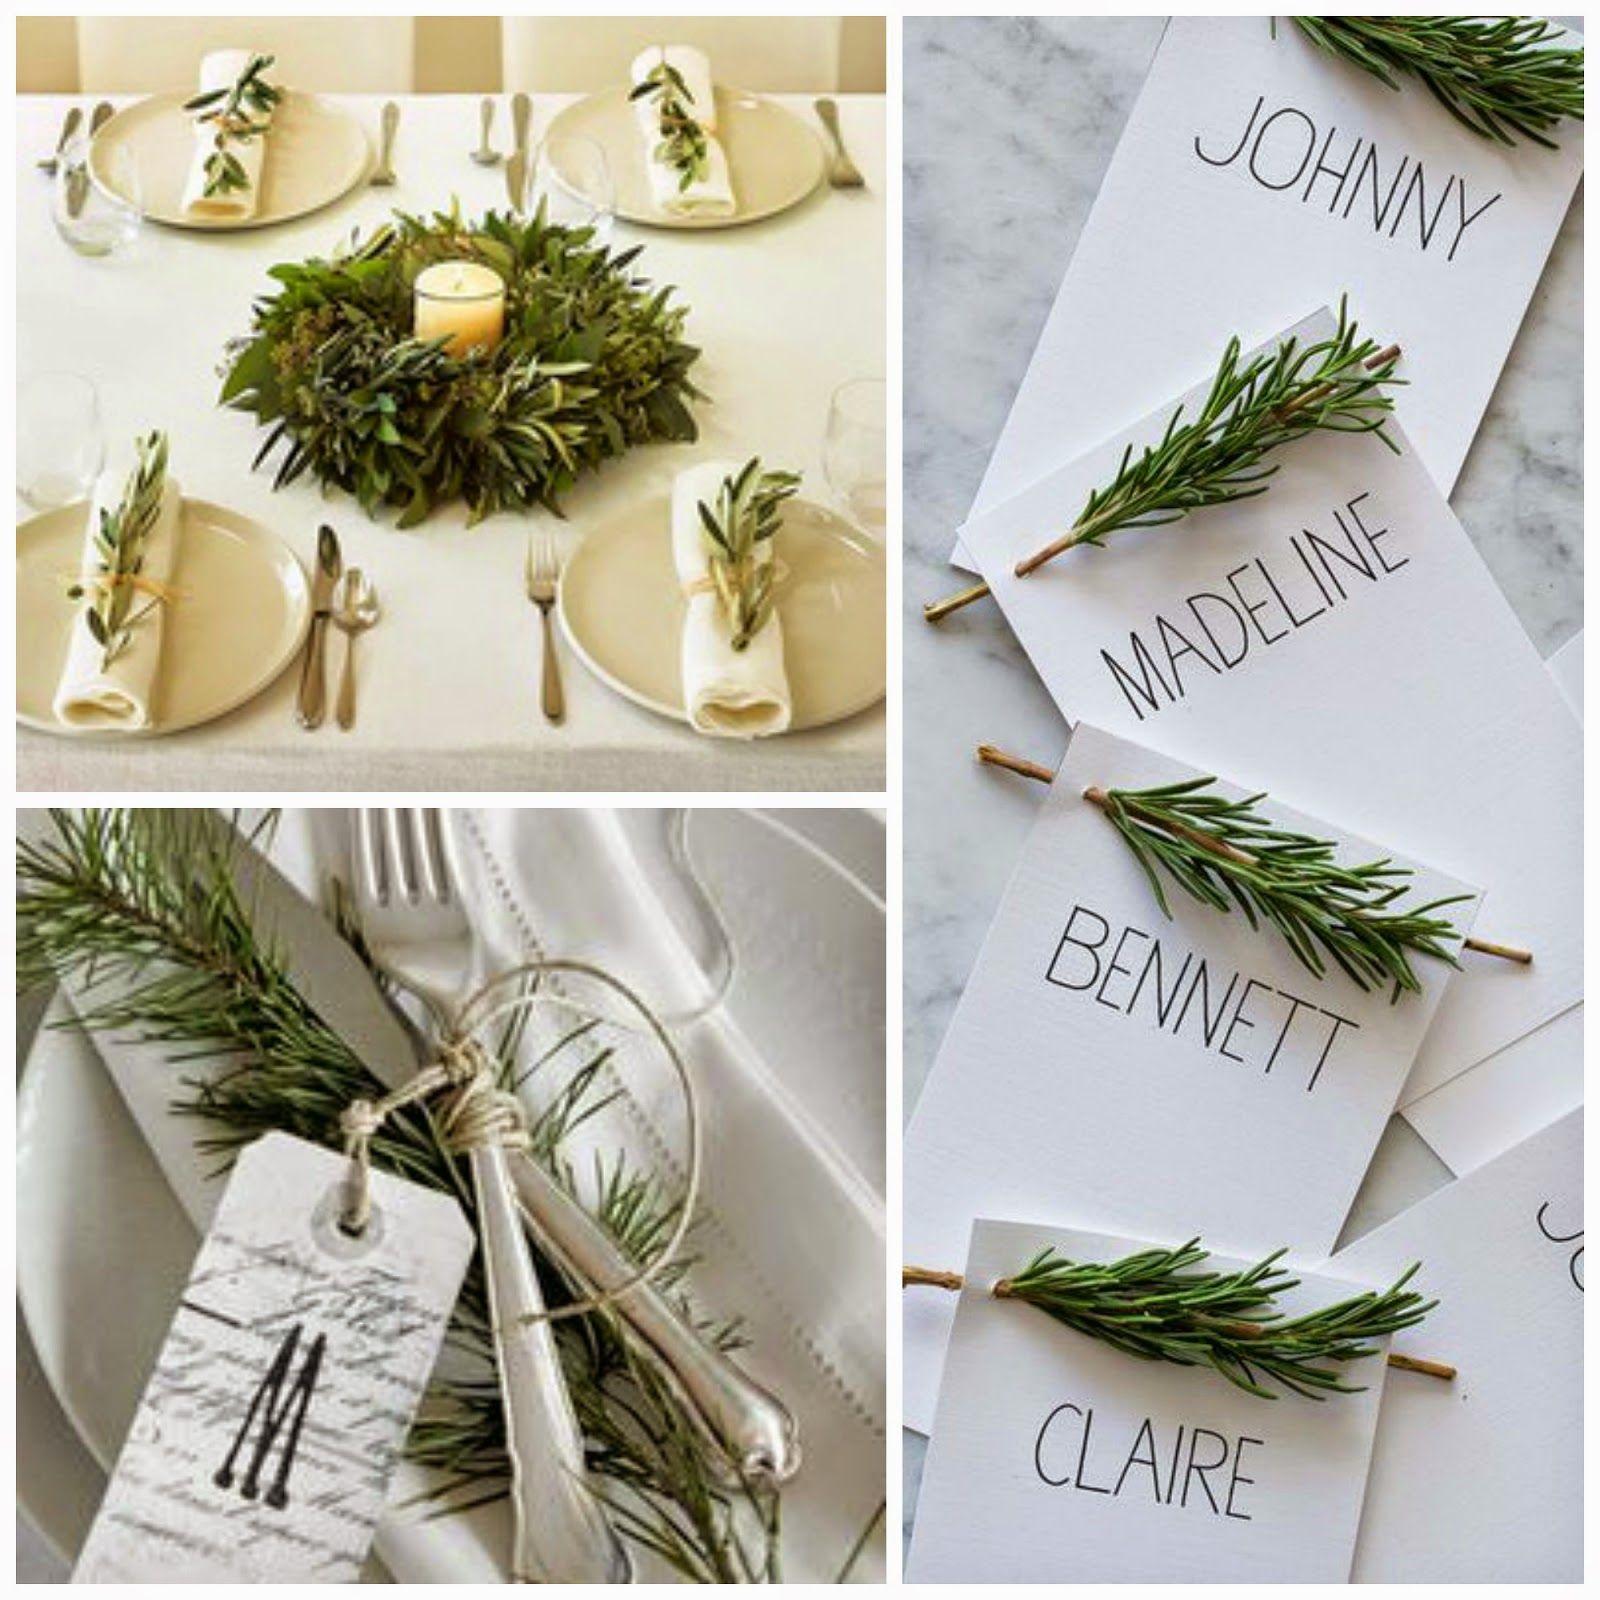 Ideas decoraci n mesa fin de a o navidad pinterest - Decoracion mesa fin de ano ...